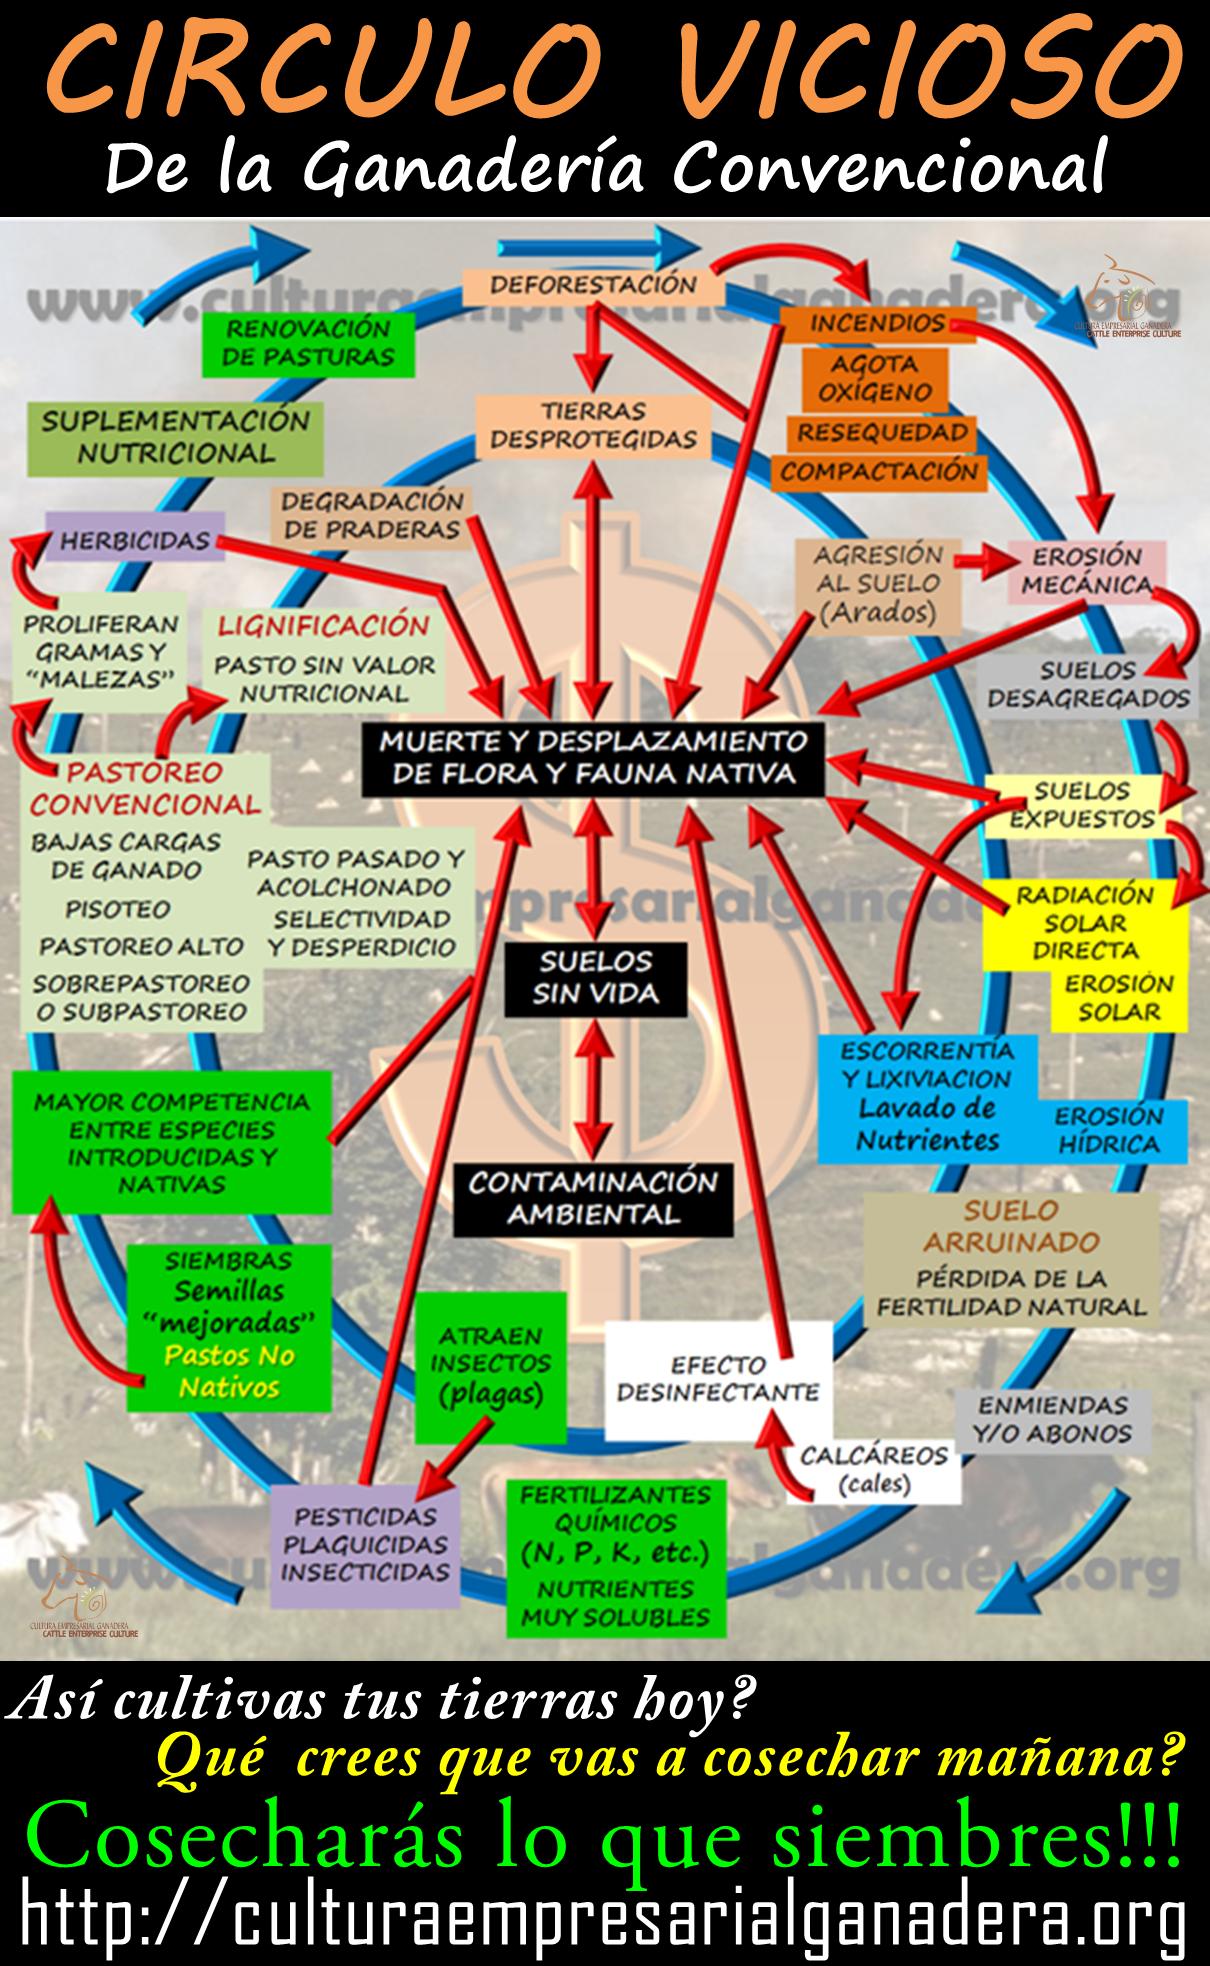 circulo-virtuoso-infografia-c-vicioso